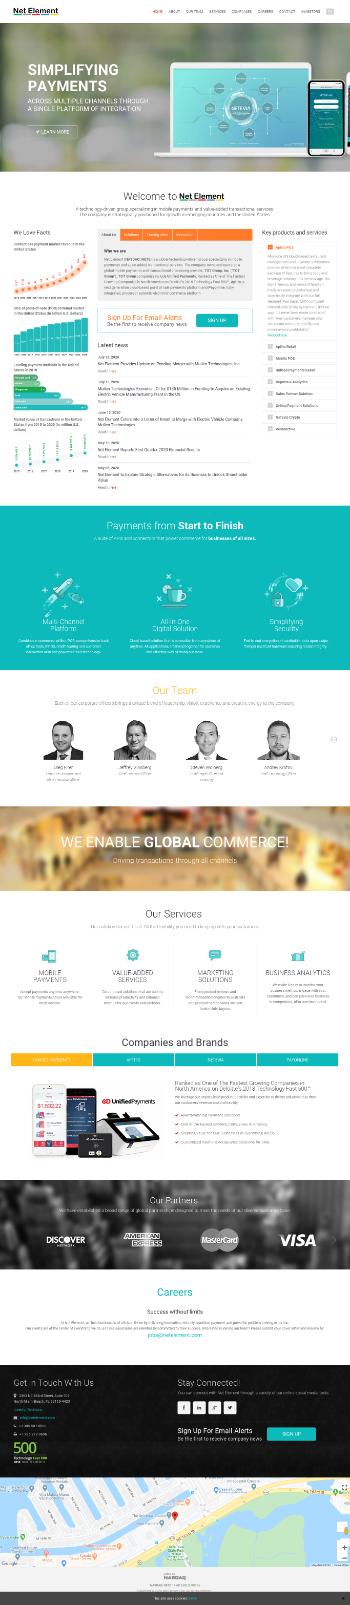 Net Element, Inc. Website Screenshot